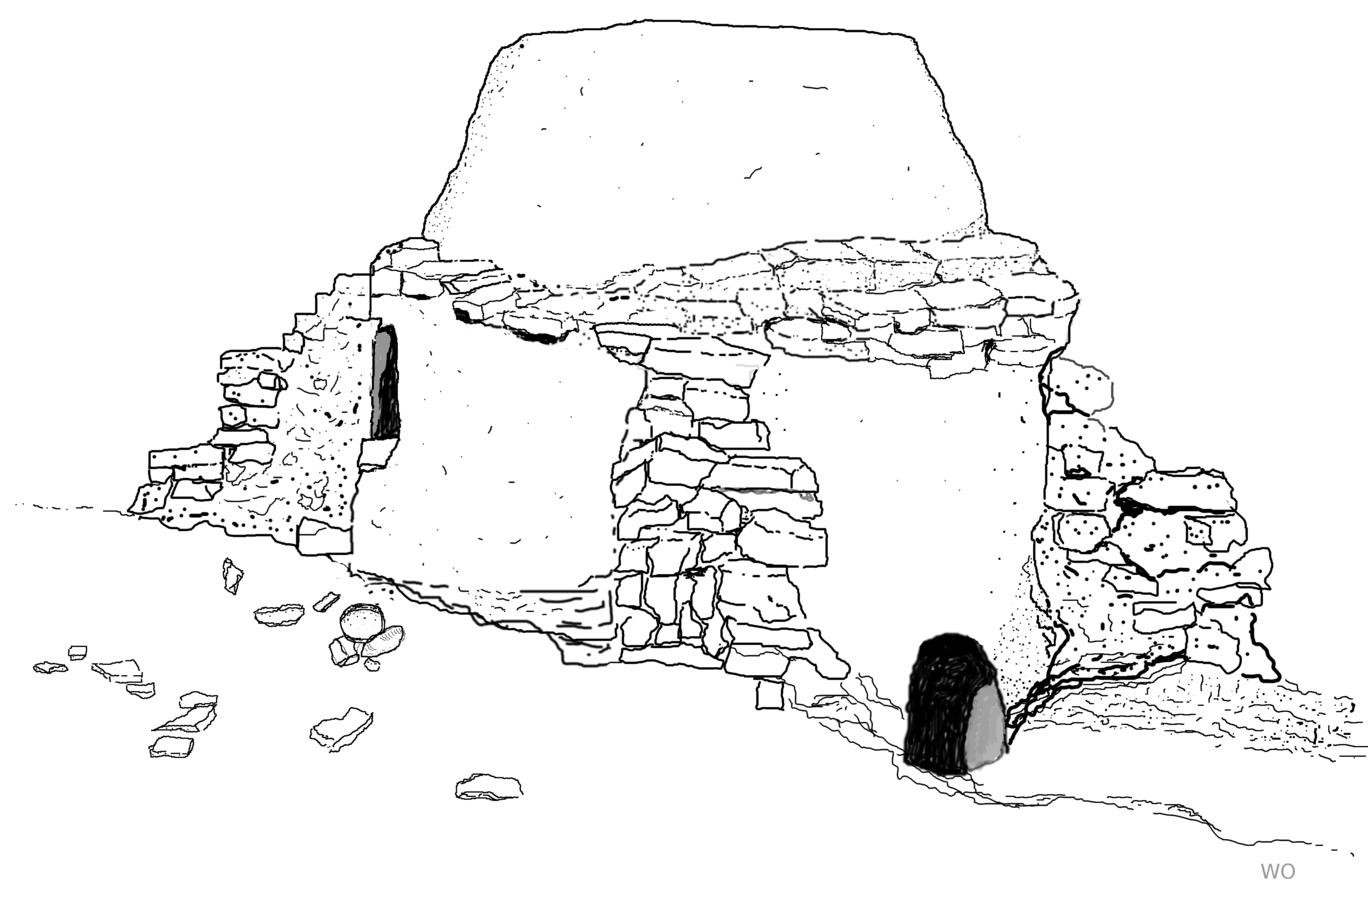 bewohner des antiken italien